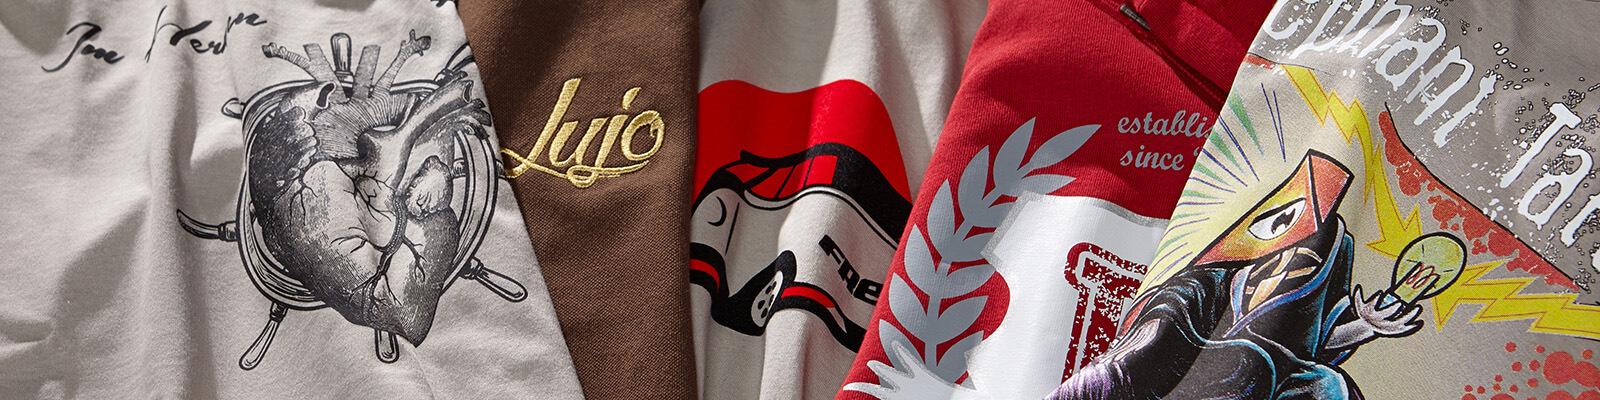 Bedruckung von Textilien Bremen, T-Shirts besticken